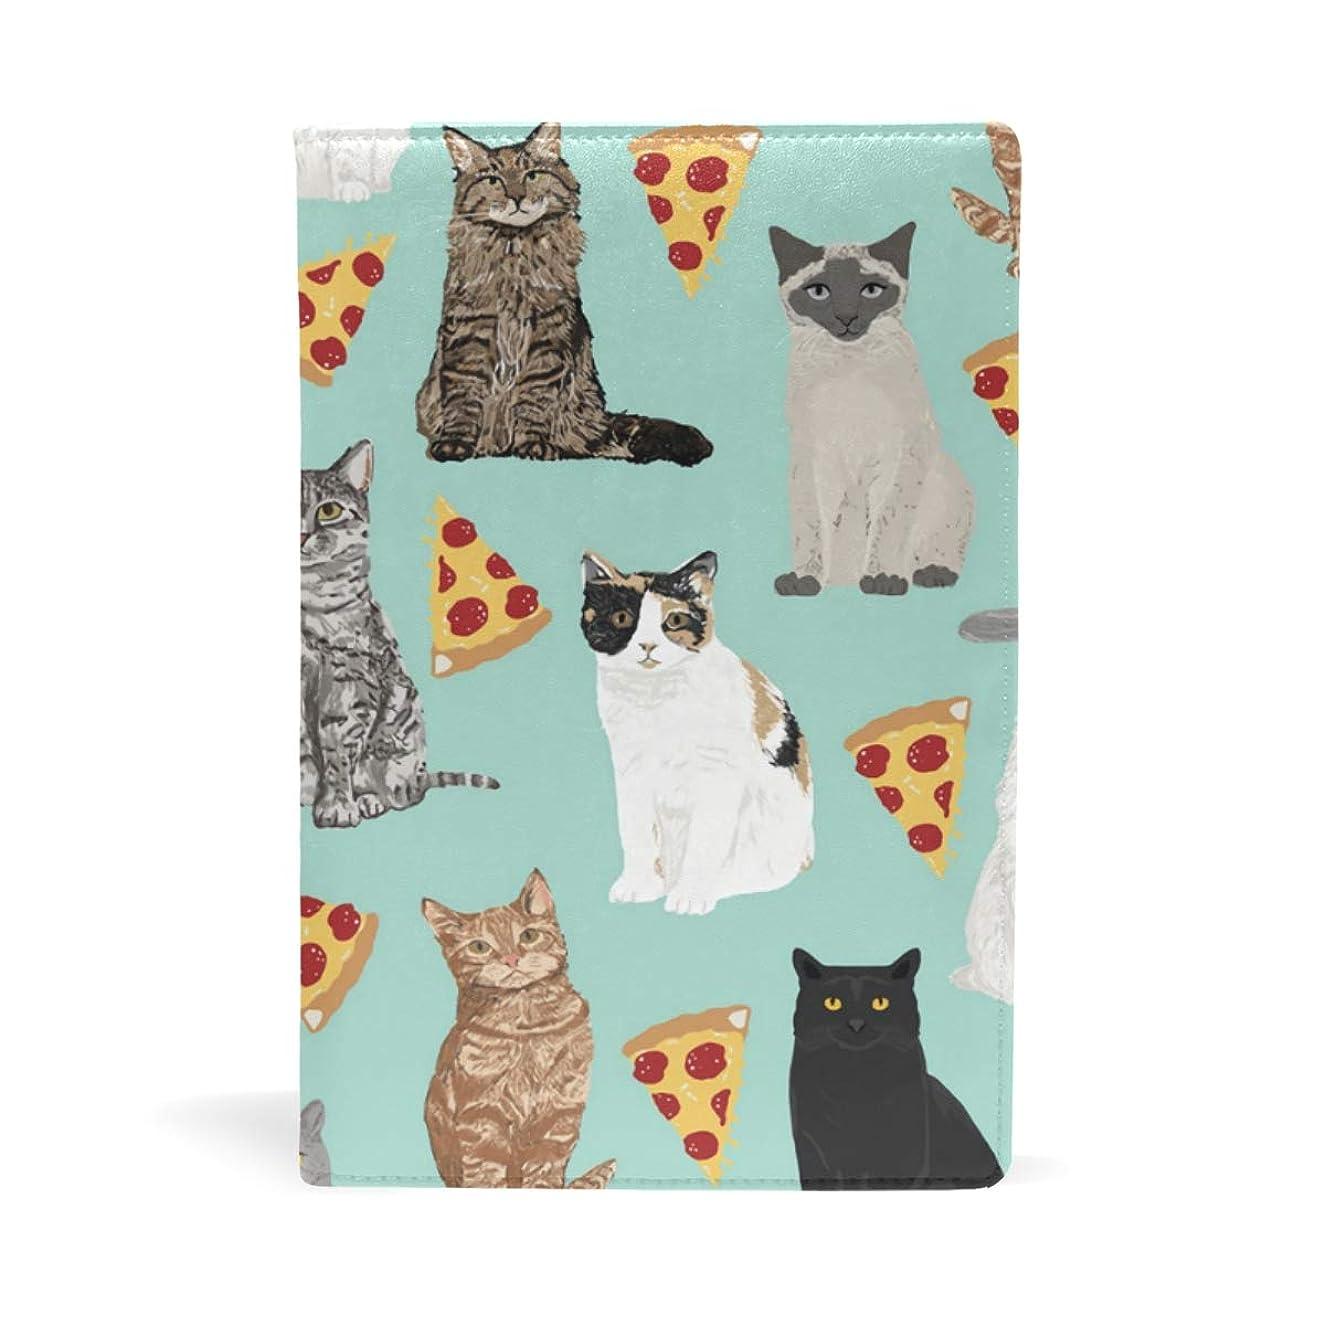 目に見える必要とする安全性猫 ピザ柄 ブックカバー 文庫 a5 皮革 おしゃれ 文庫本カバー 資料 収納入れ オフィス用品 読書 雑貨 プレゼント耐久性に優れ